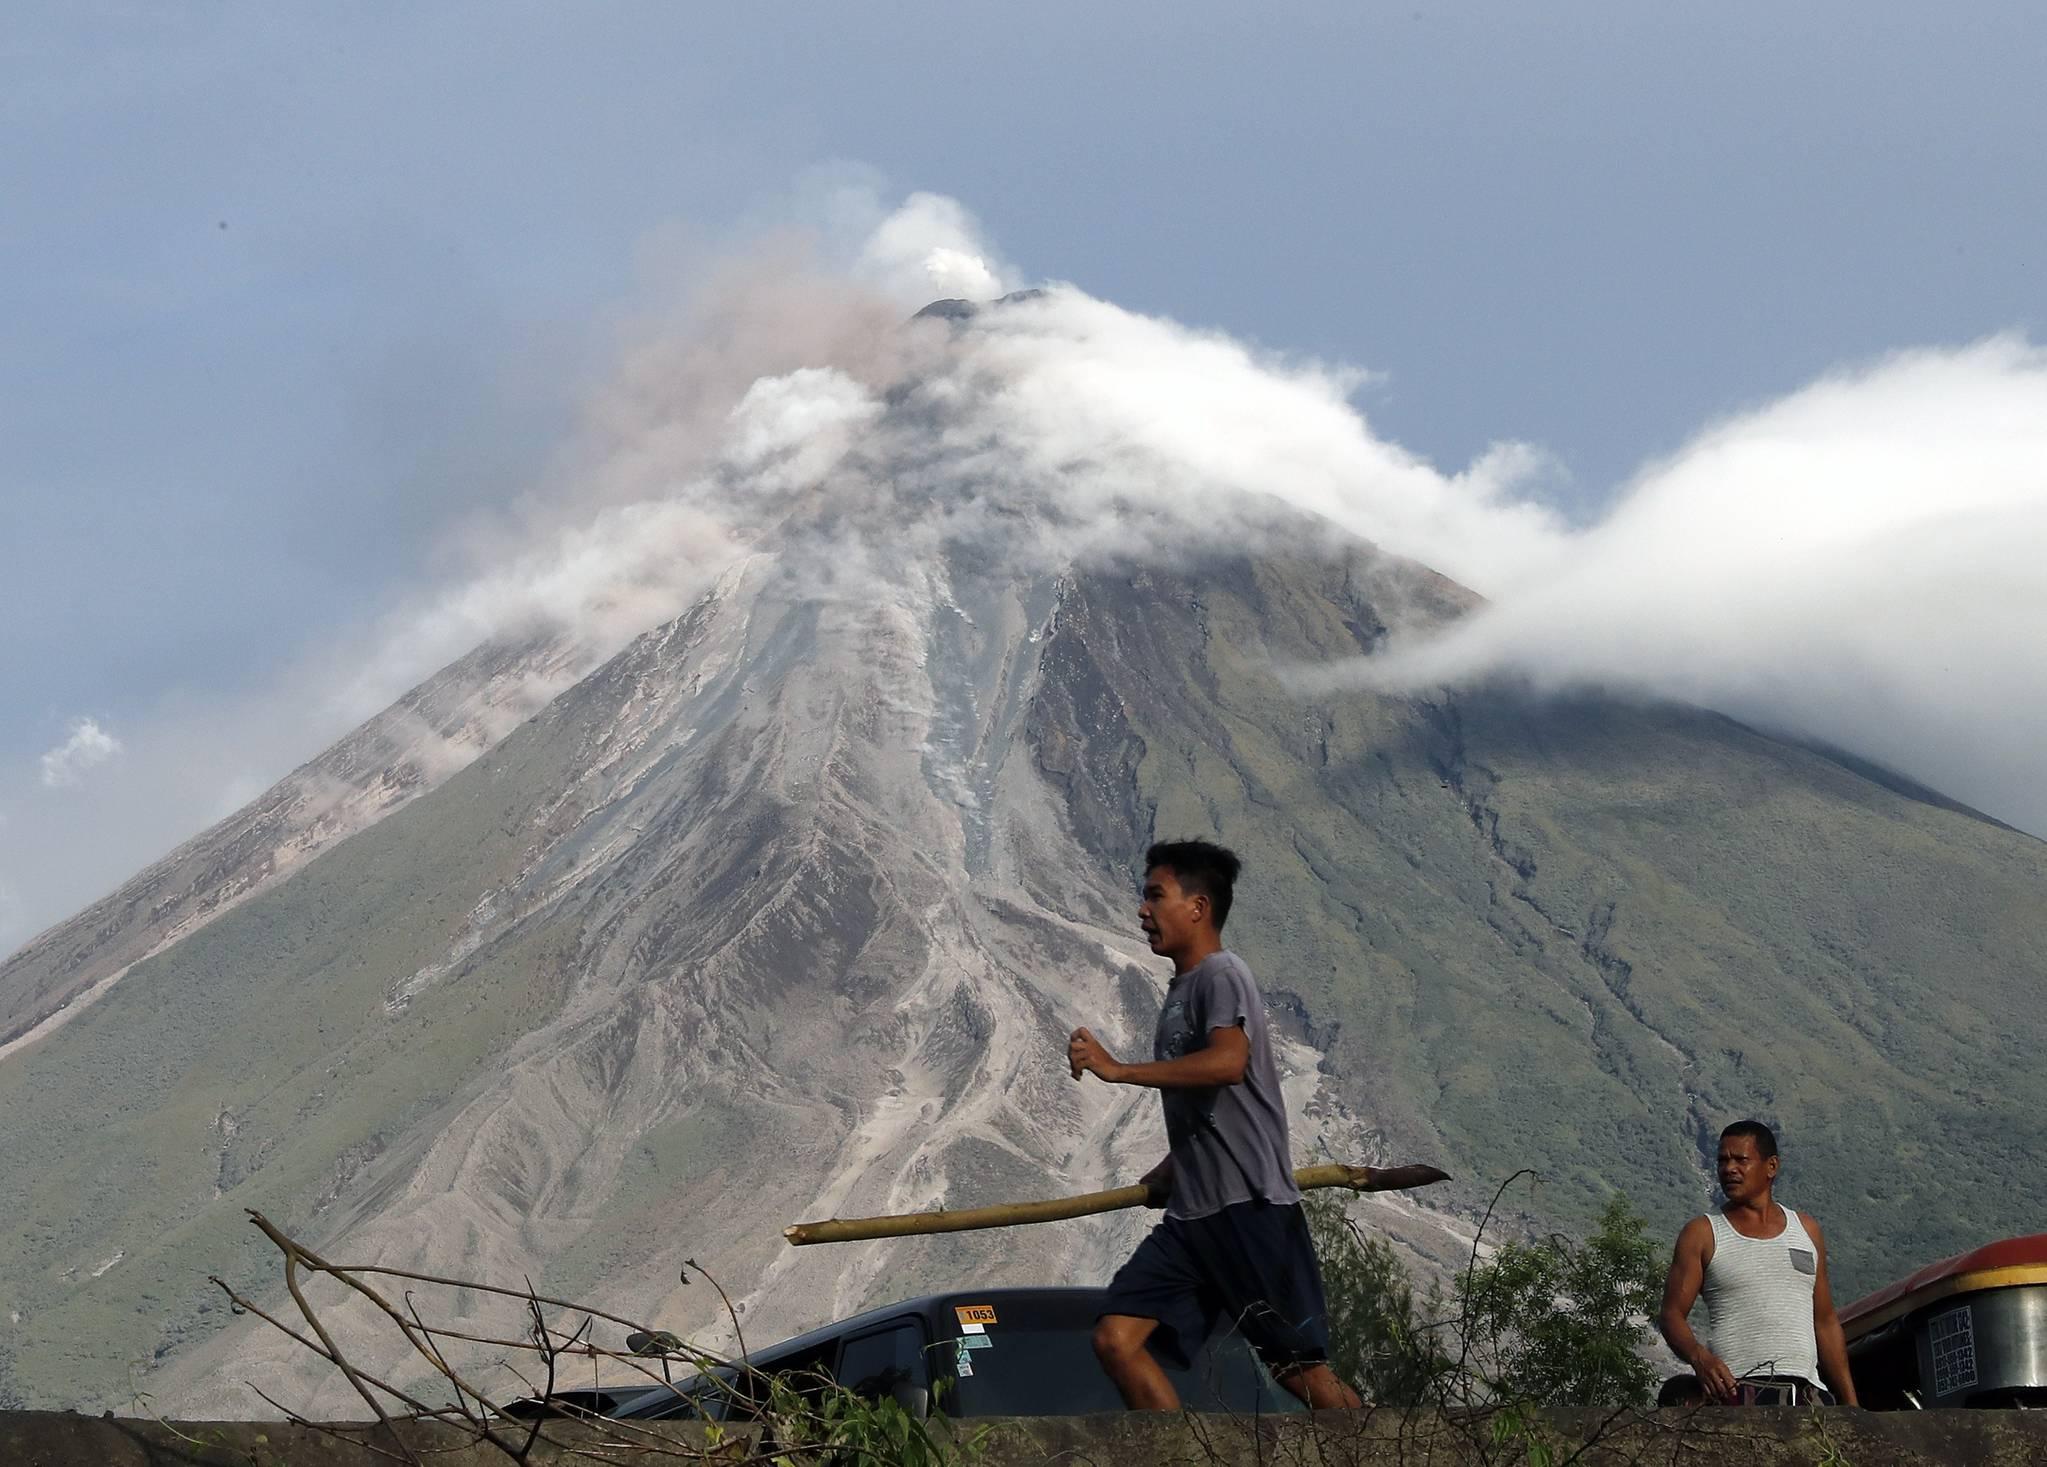 지난 1월 필리핀 마욘 화산이 화산재를 내뿜는 모습. [EPA=연합뉴스]